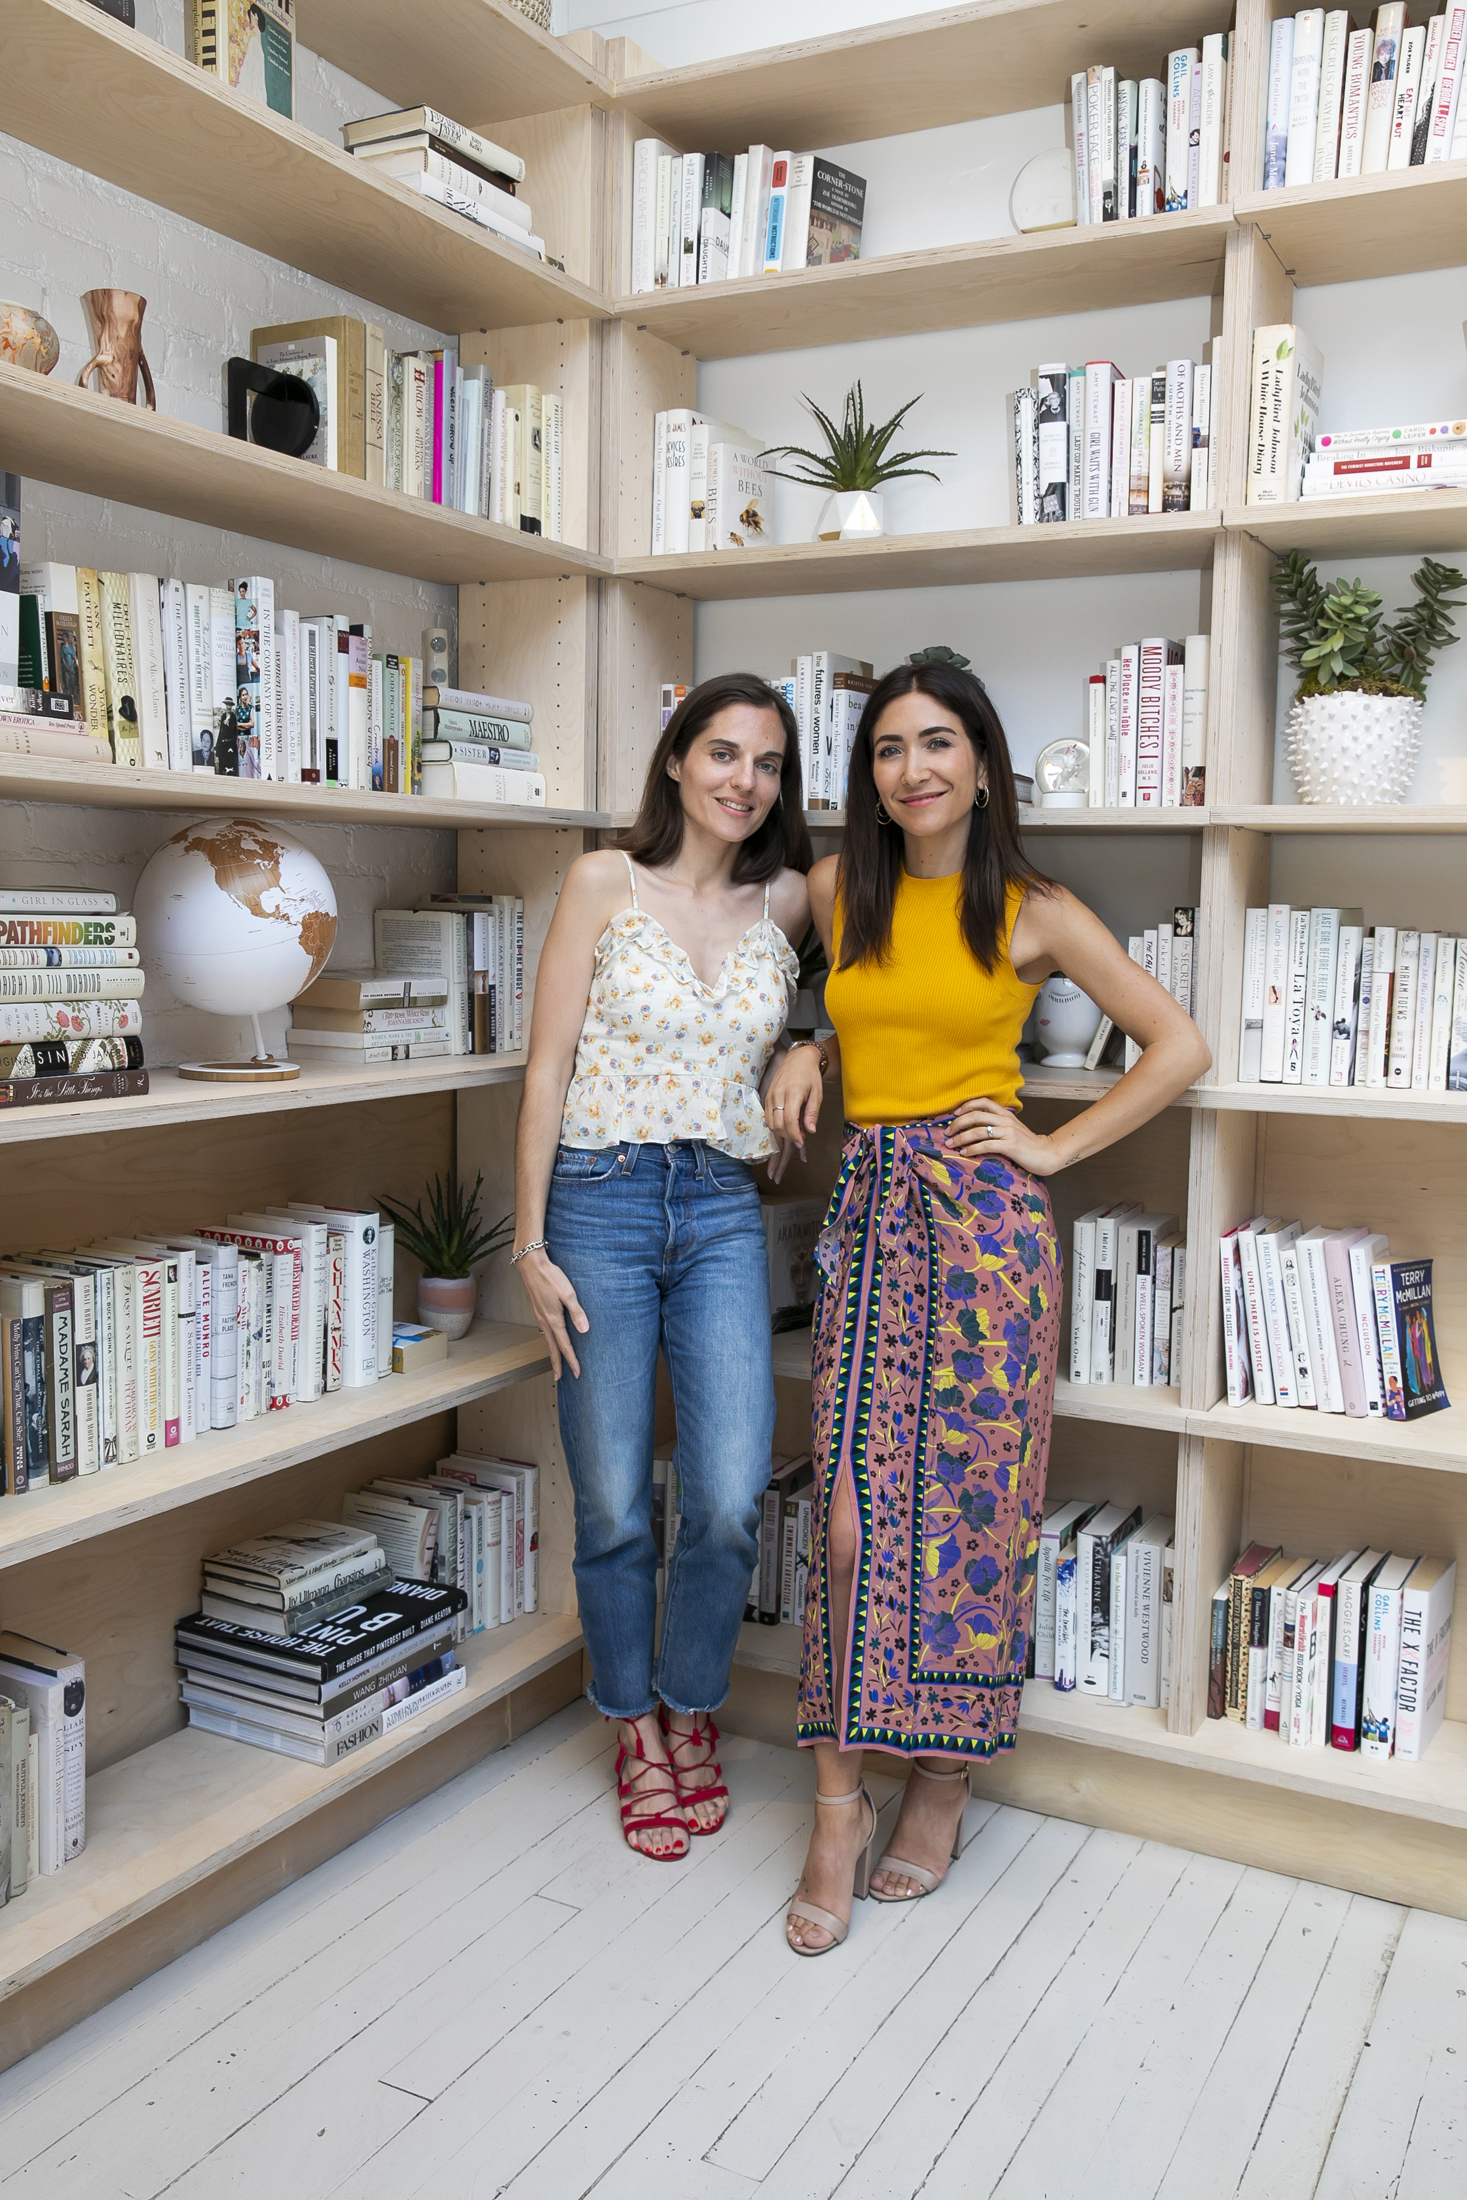 Florencia Cavallo and Elise Labau Topaloglu